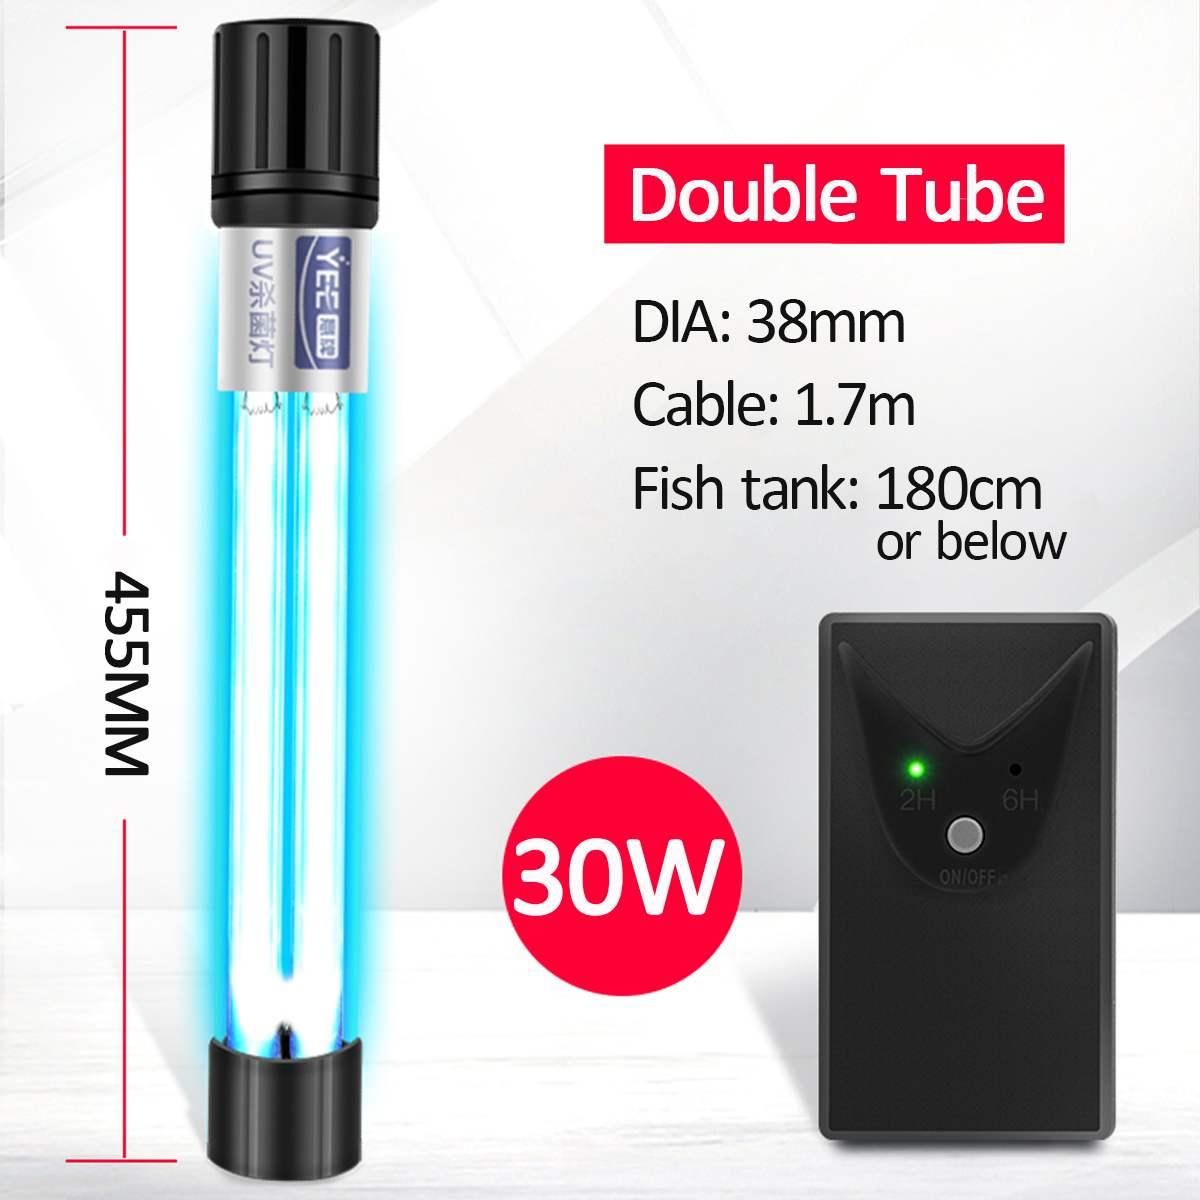 tubo duplo uv lâmpada germicida tipo de